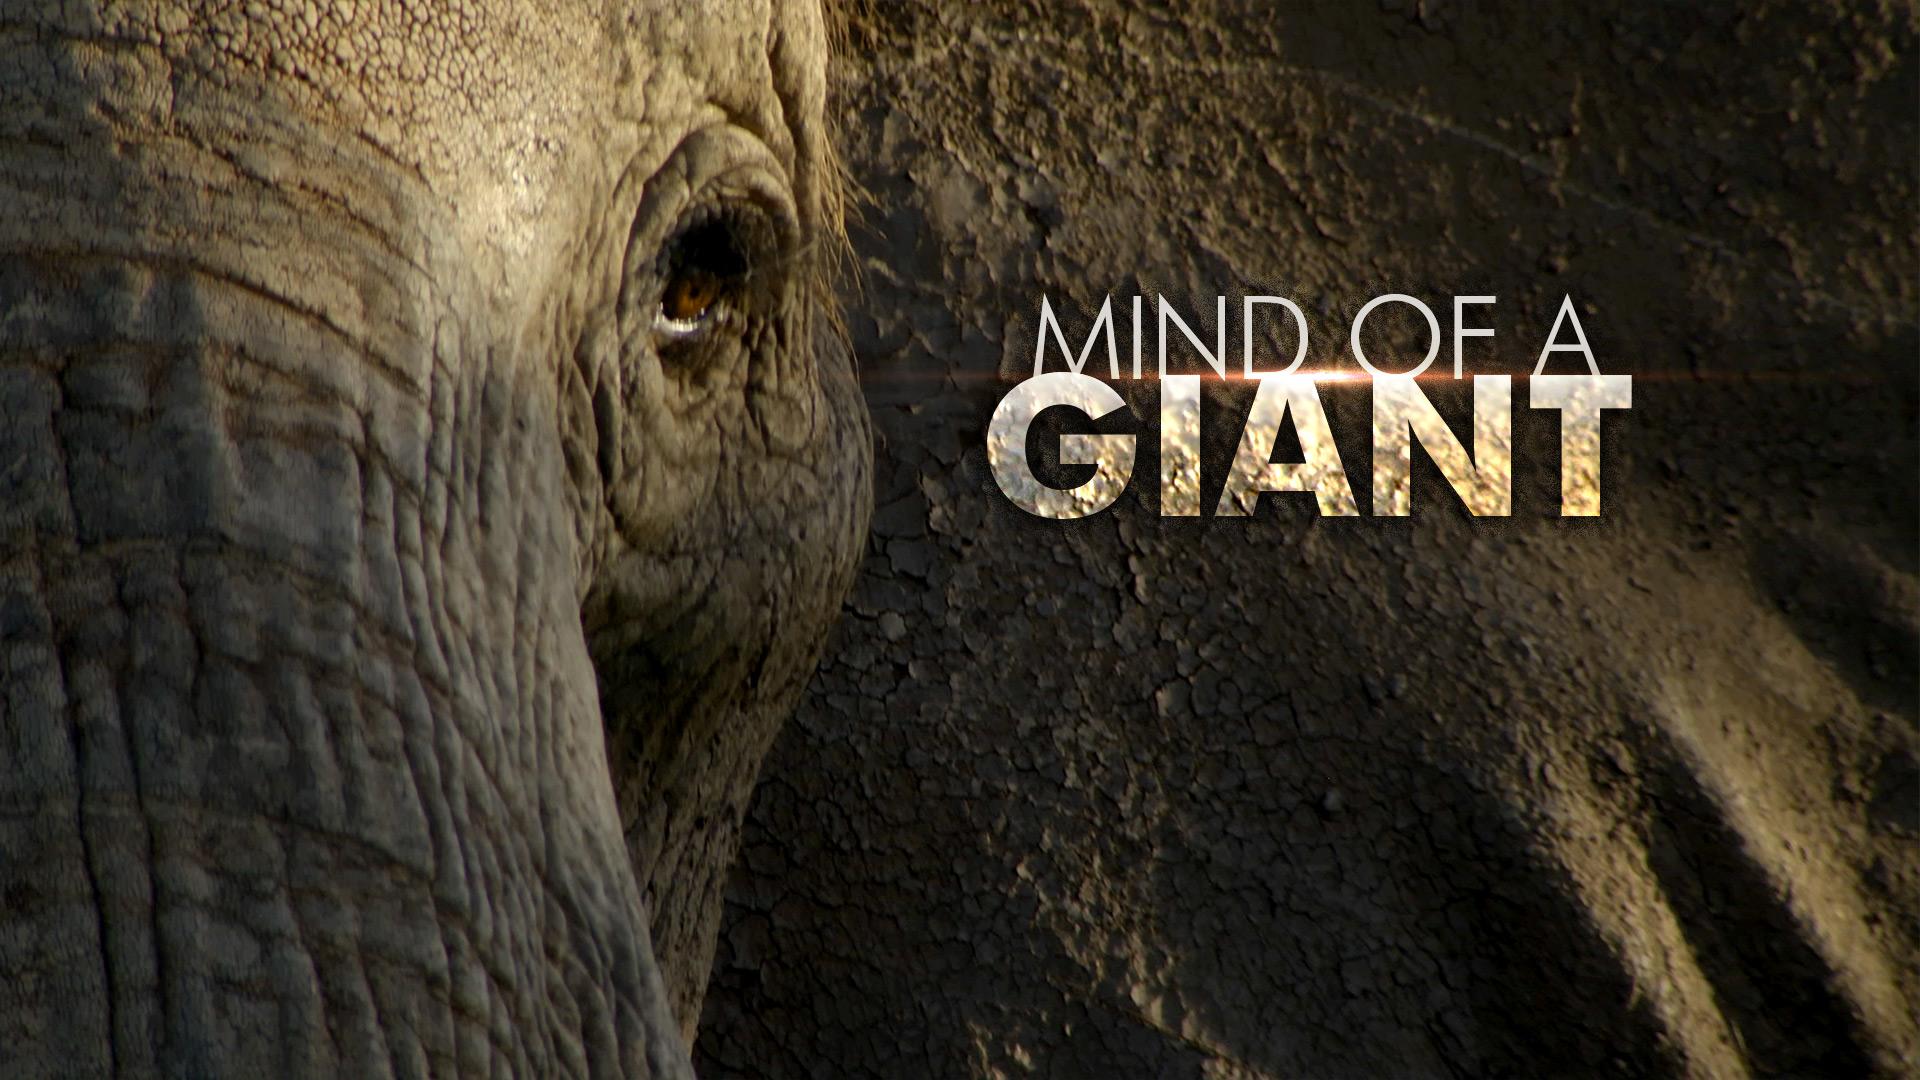 Mind of a Giant © Holey & Moley Ltd